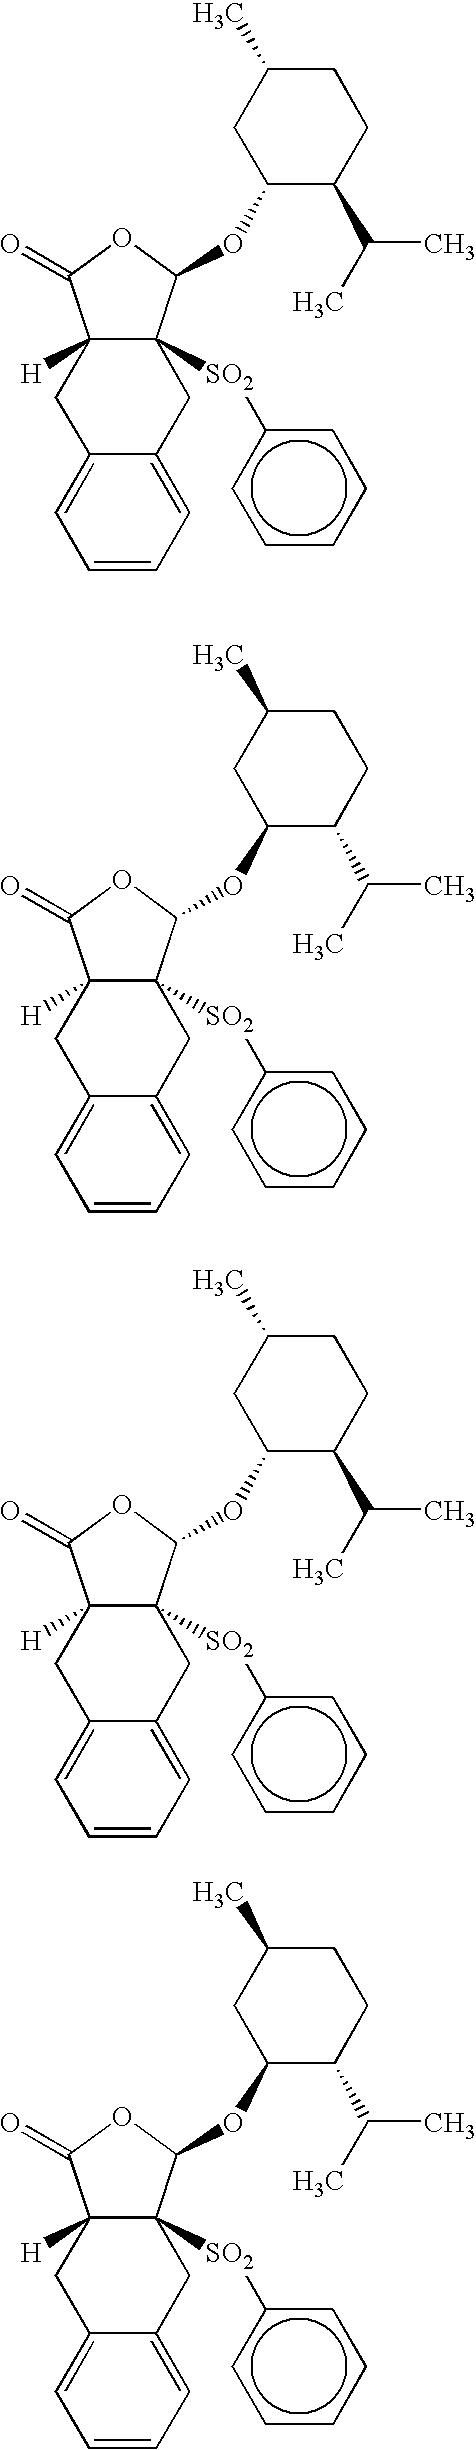 Figure US20040065227A1-20040408-C00040